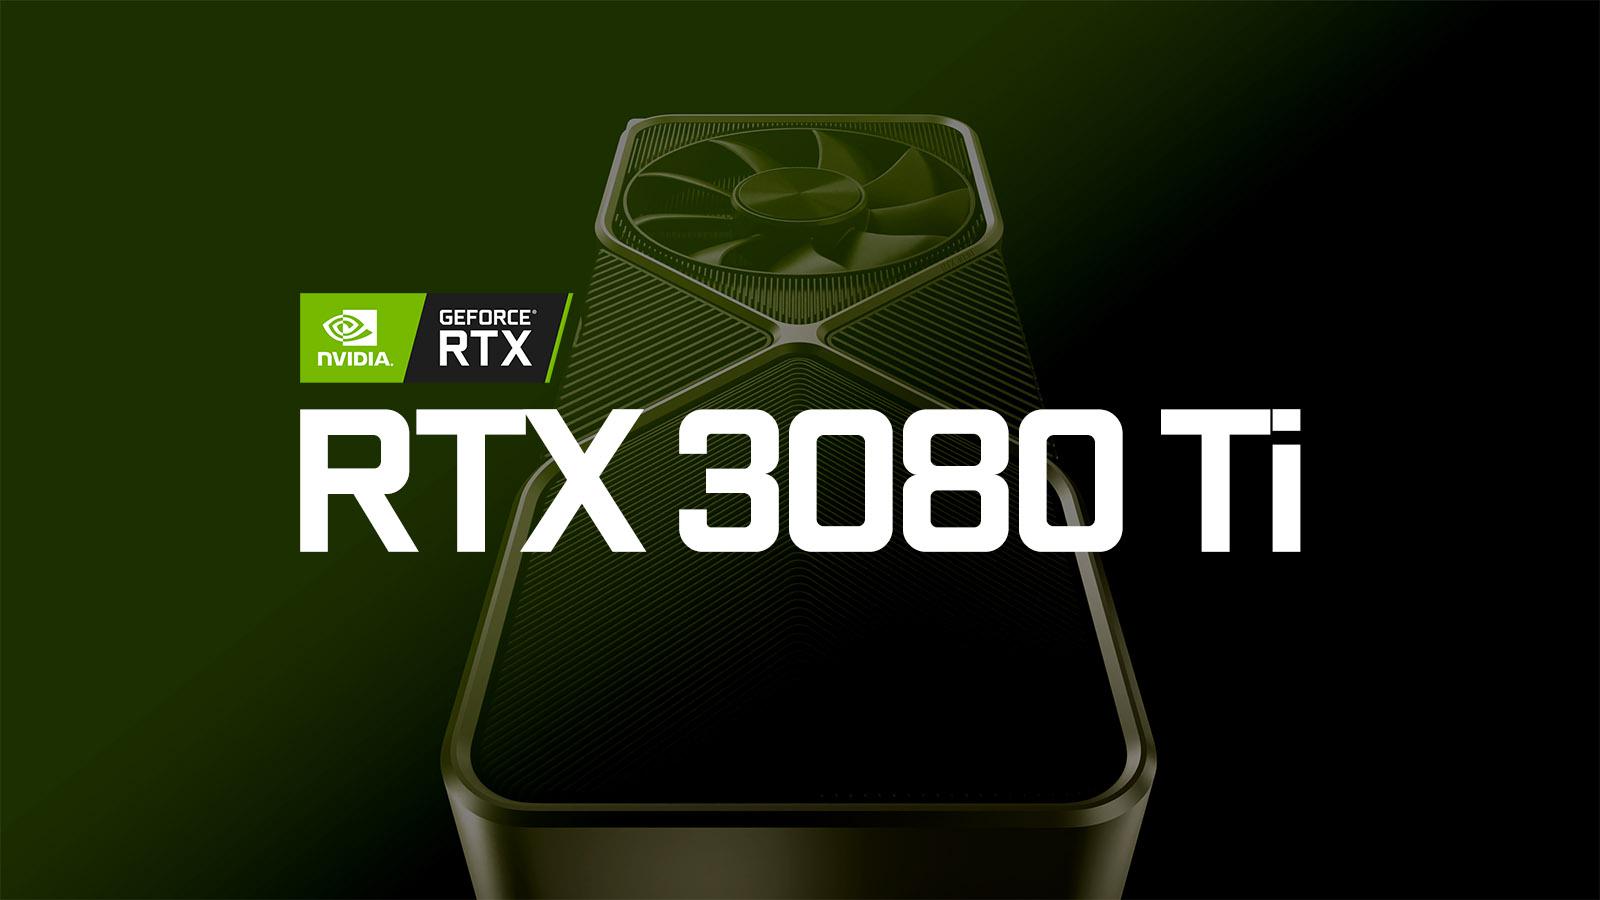 RTX 3080 Ti显卡在惠普OEM驱动中被发现 更大显存容量、更高性价比